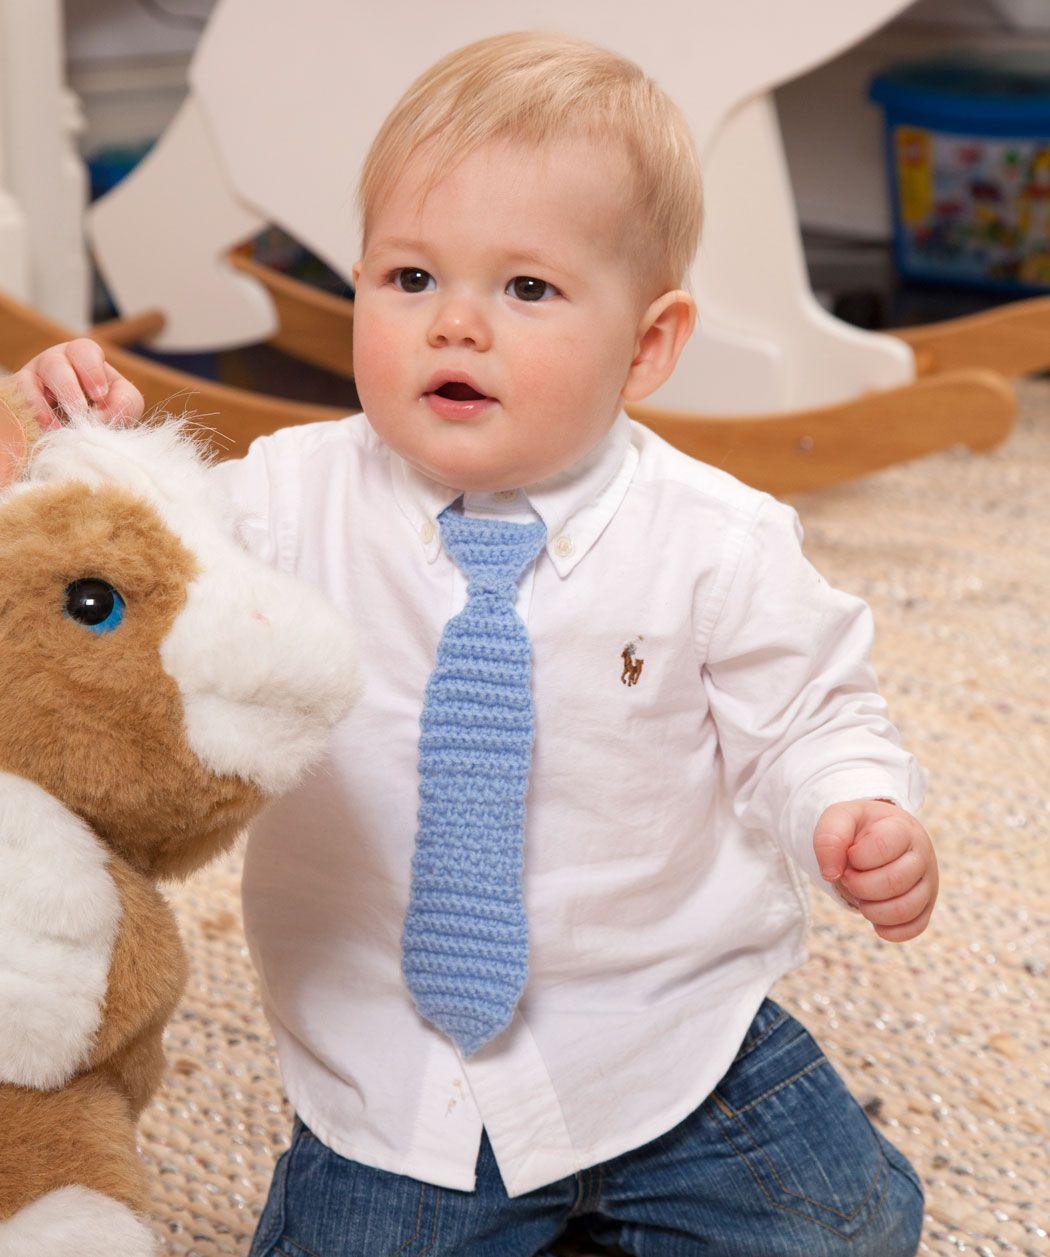 Du häkelst nicht lange an dieser Krawatte für deinen kleinen ...